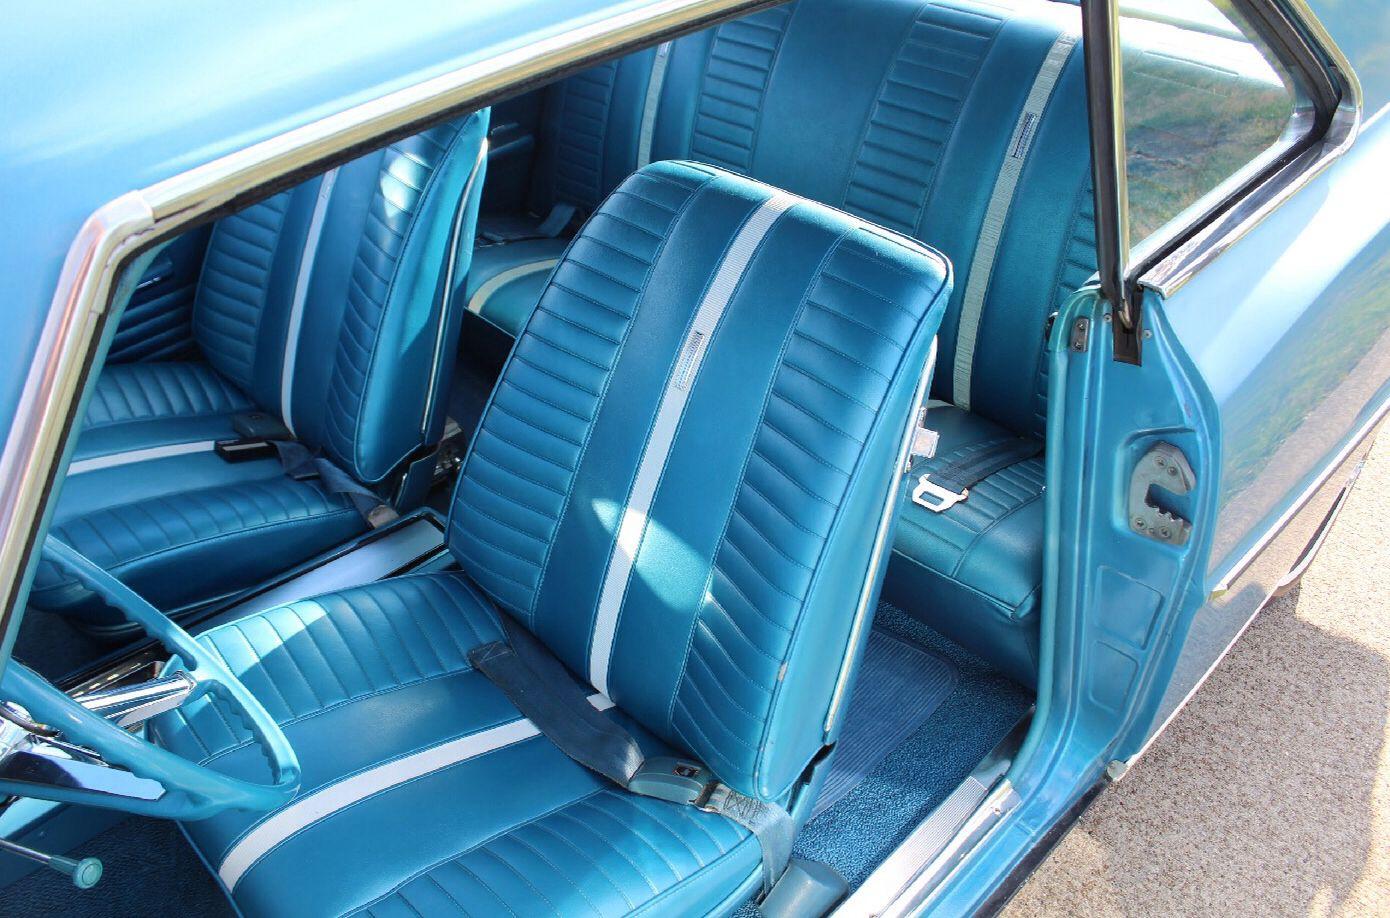 My 1967 Chevy Nova Ss Interior Chevy Ii Pinterest Chevy Nova 67 Nova And Chevy